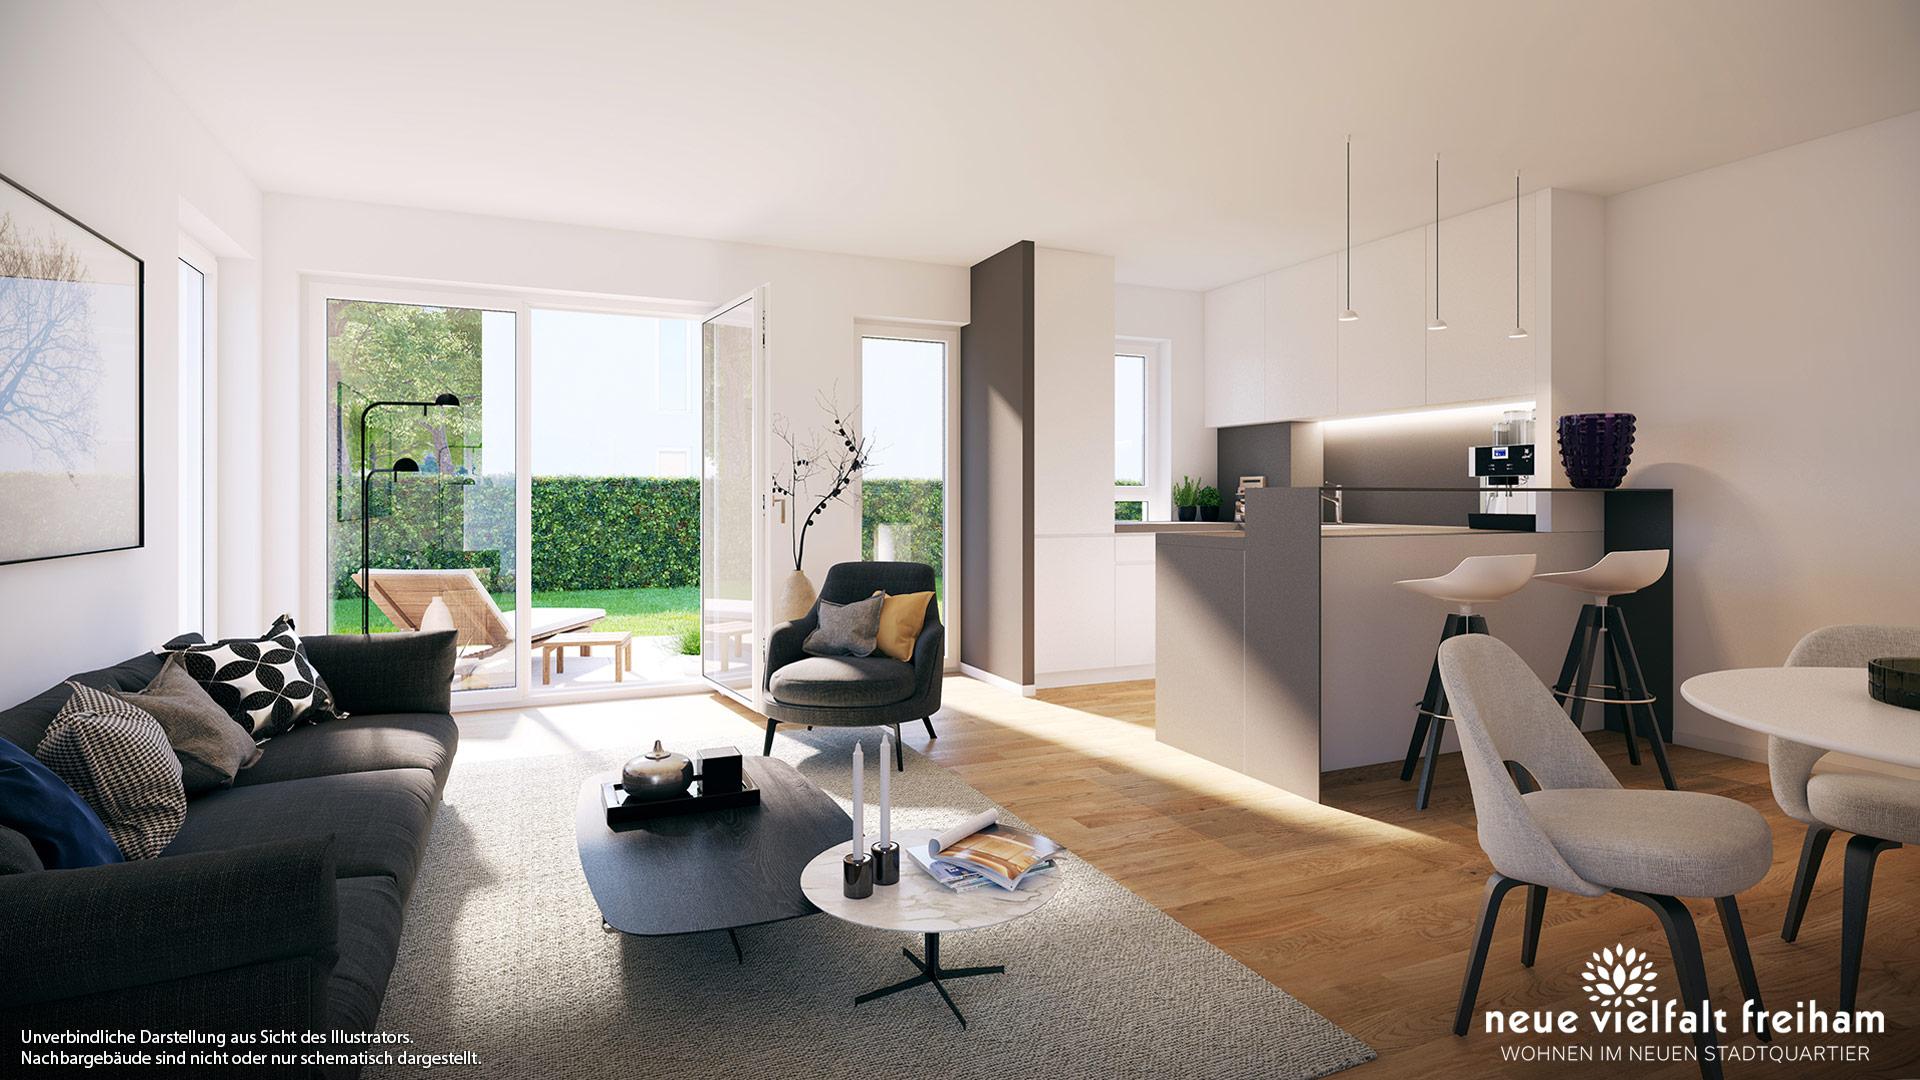 Immobilie Neue Vielfalt Freiham - Wohnbeispiel 2